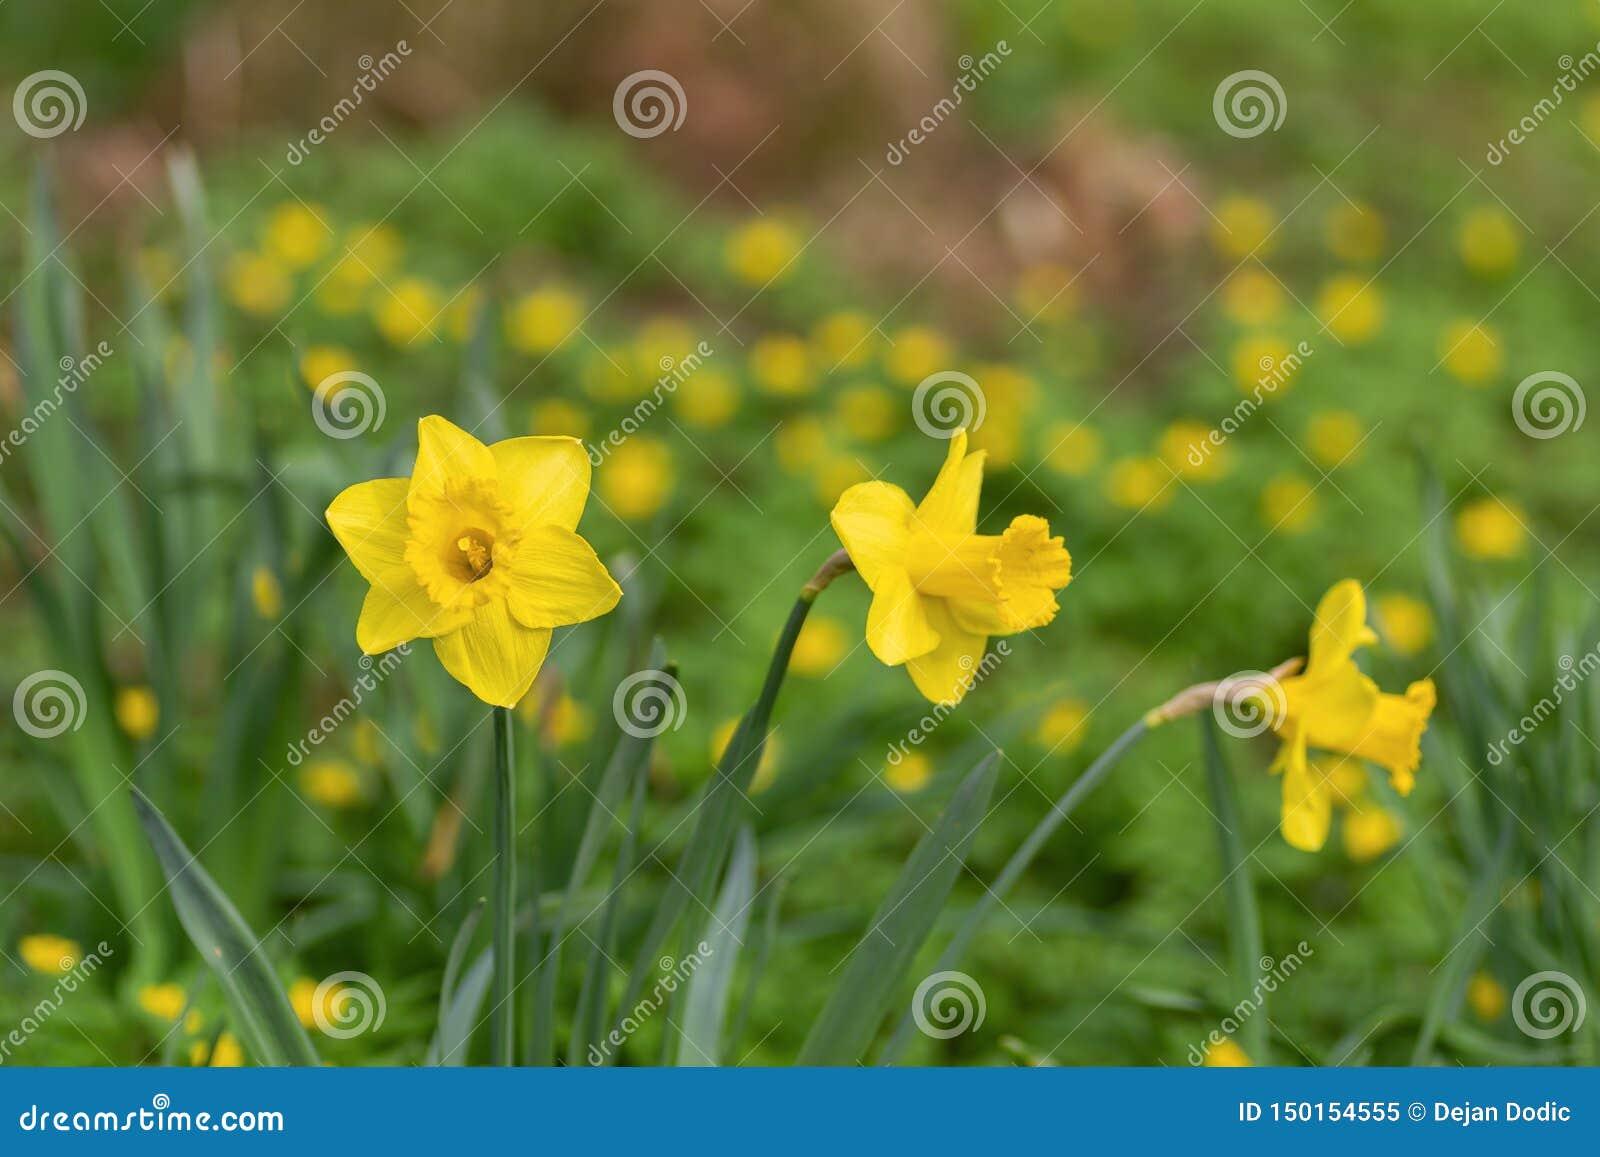 Daffodil flowers in a field